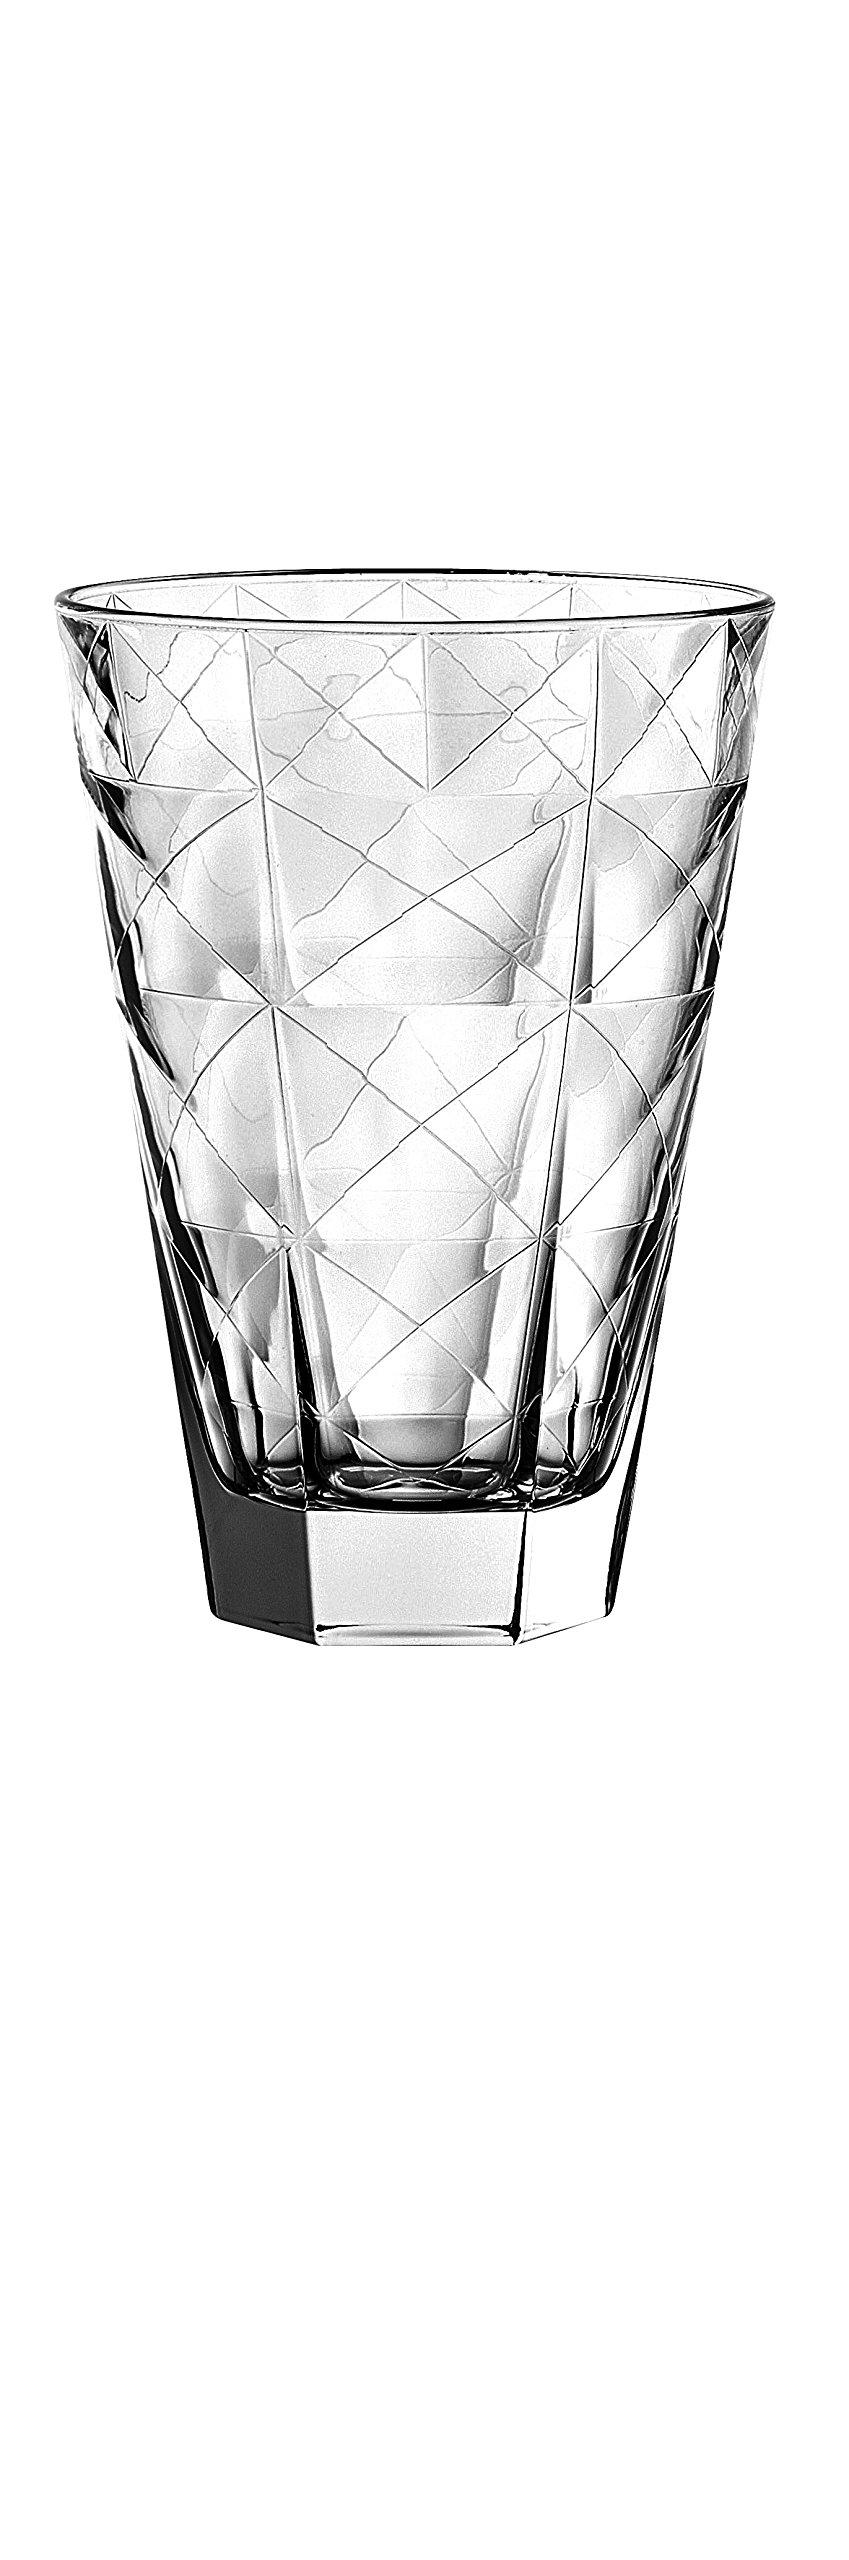 Barski - European Glass - Hiball Tumbler - Artistically Designed - 14.5 oz. - Set of 6 Highball Glasses - Made in Europe